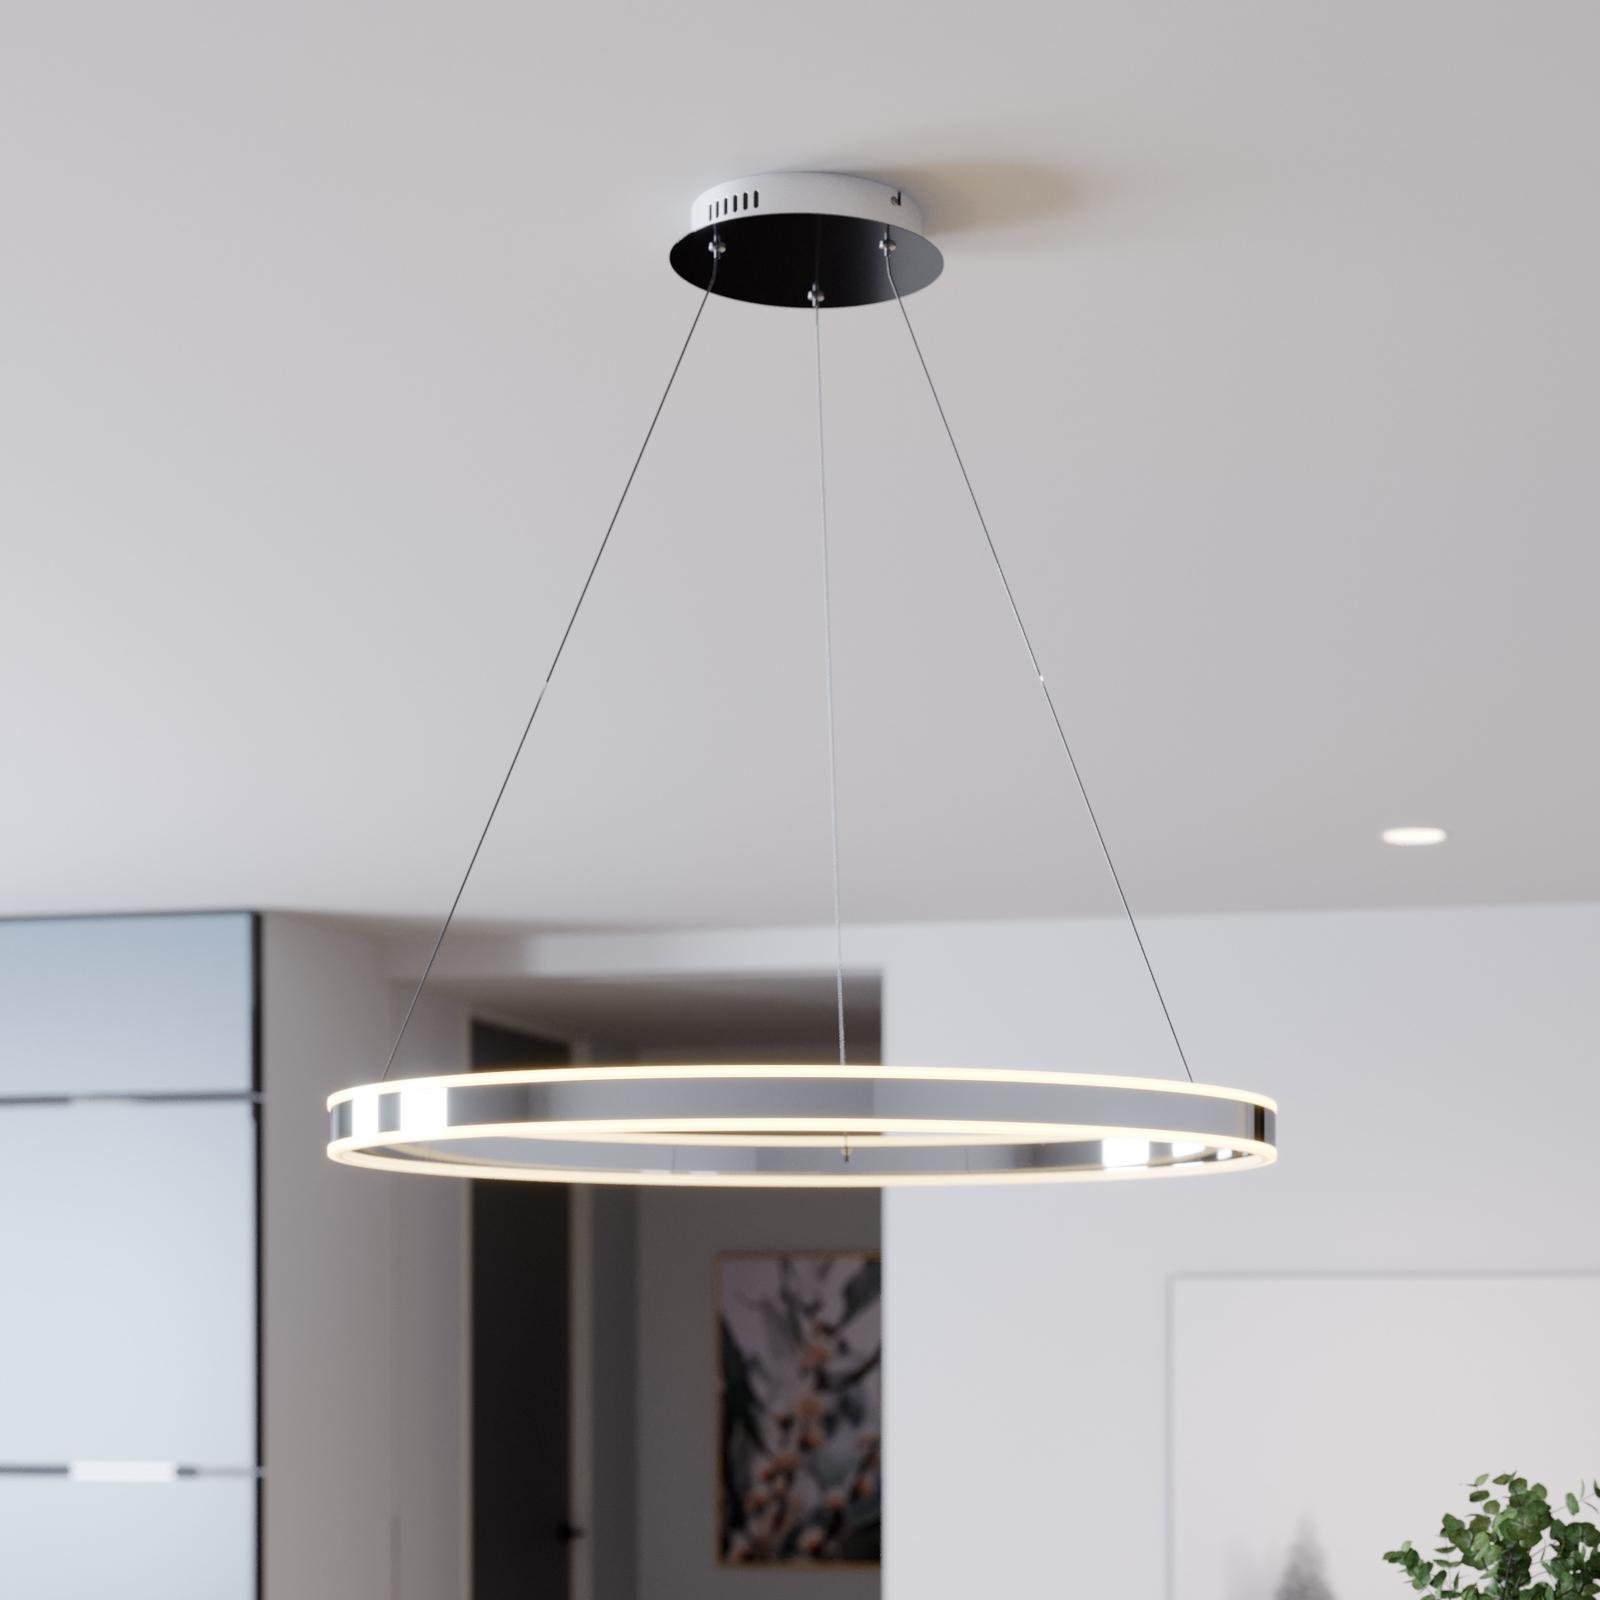 LED Pendelleuchte Lyani in Chrom, dimmbar, 80 cm